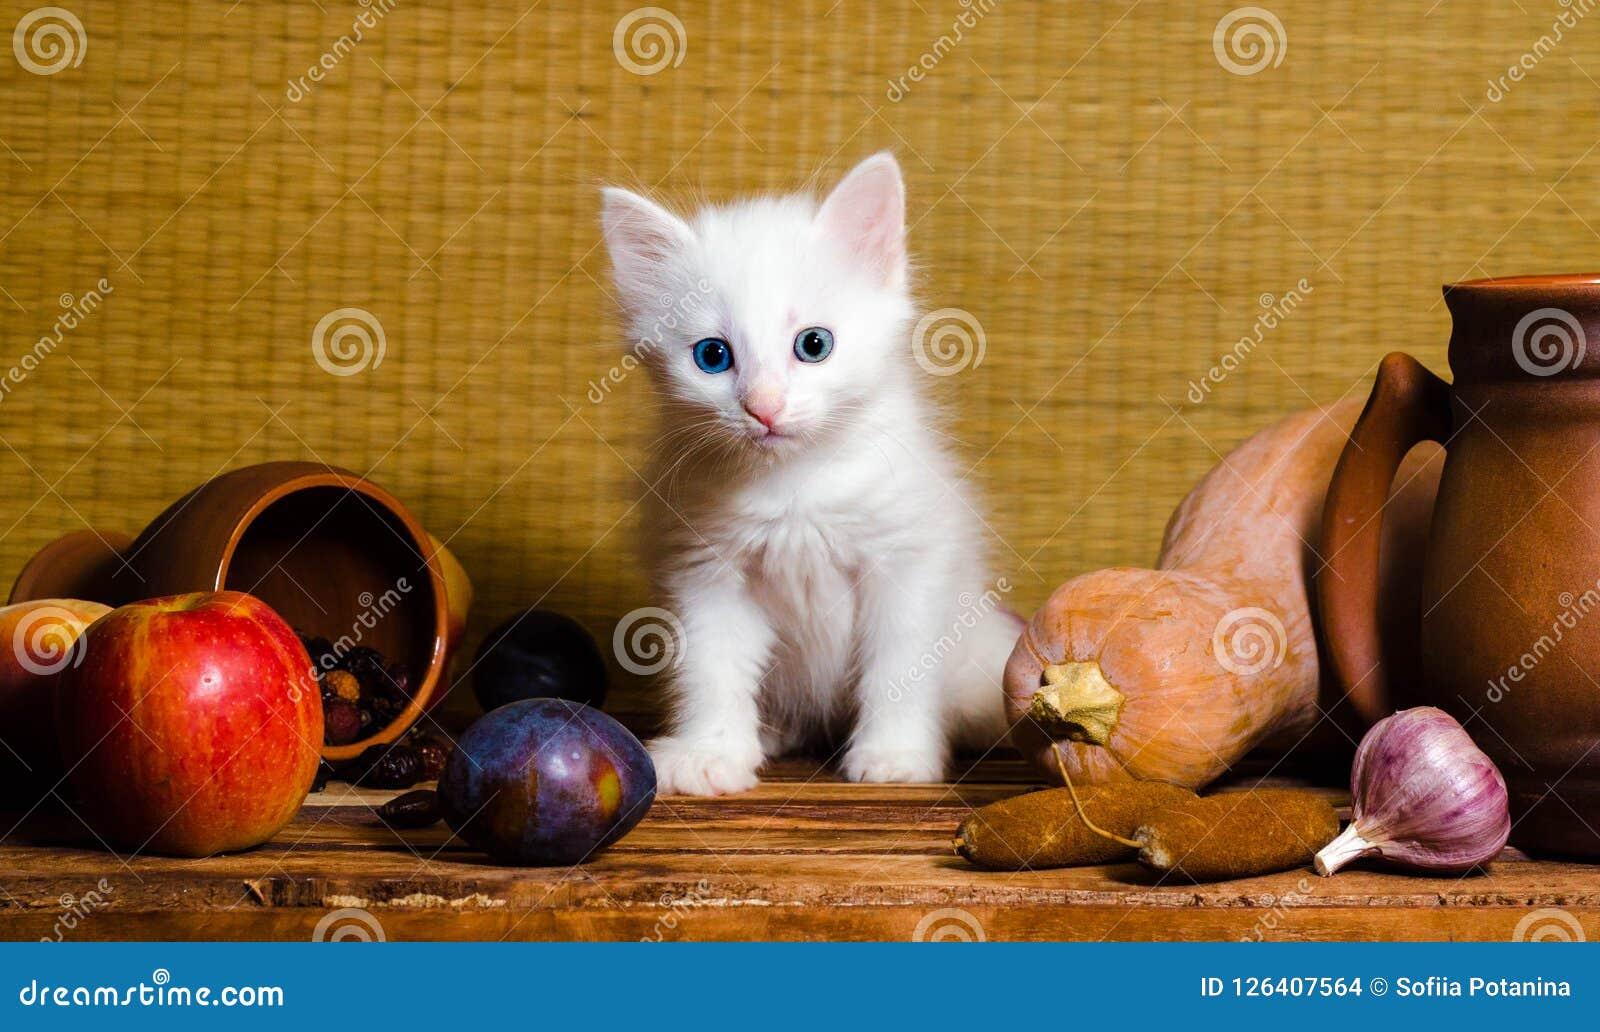 Weißes flaumiges Kätzchen des Herbststilllebens, das auf einem Holztisch sitzt